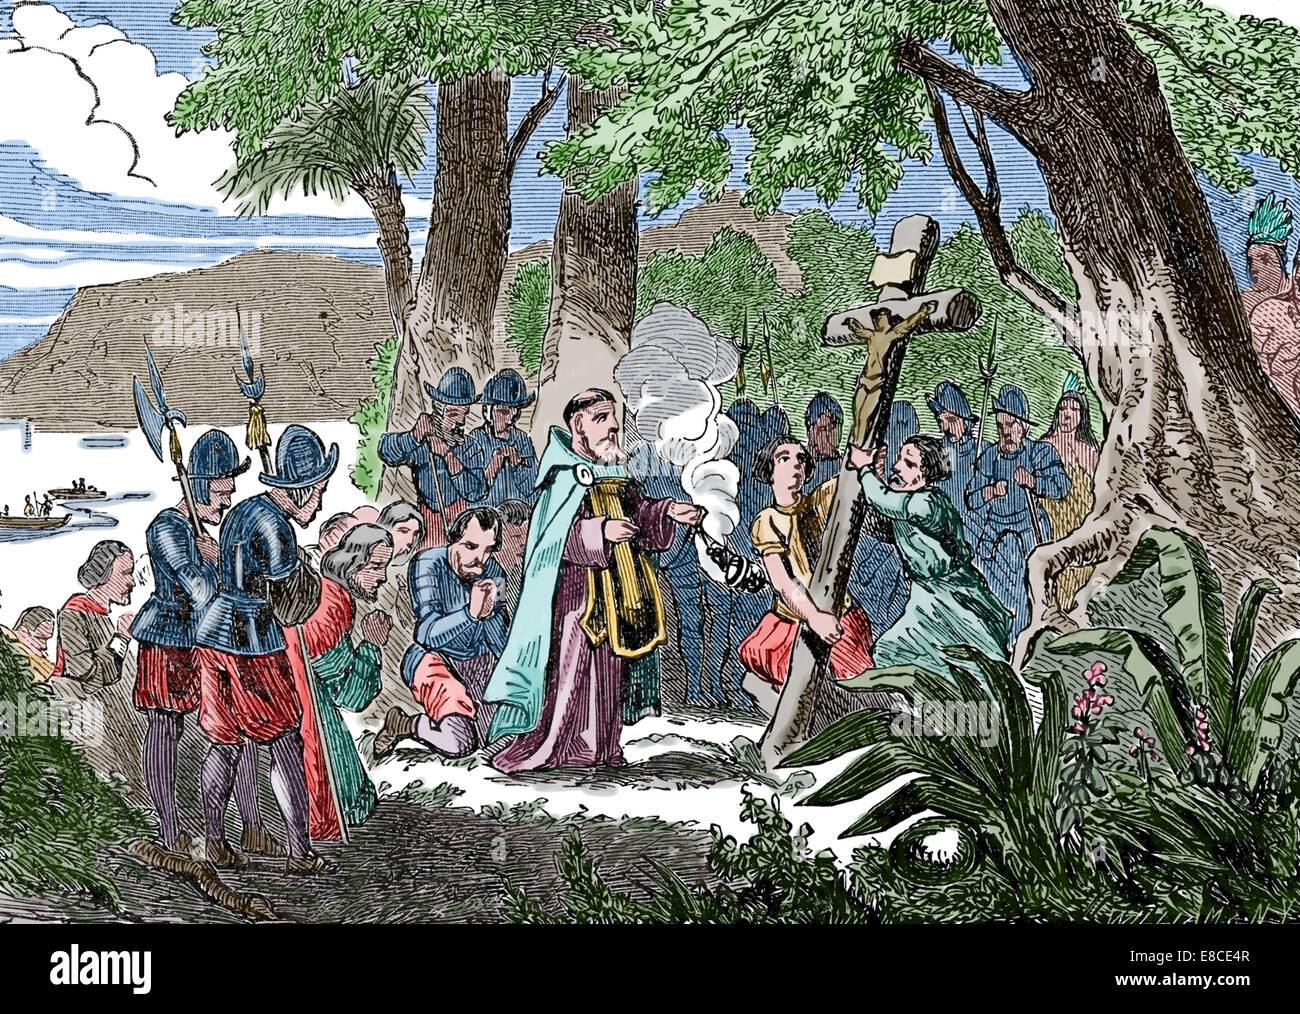 La scoperta dell'America. Il sollevamento della croce cristiana a seguito della scoperta del Nuovo Mondo. Il Immagini Stock